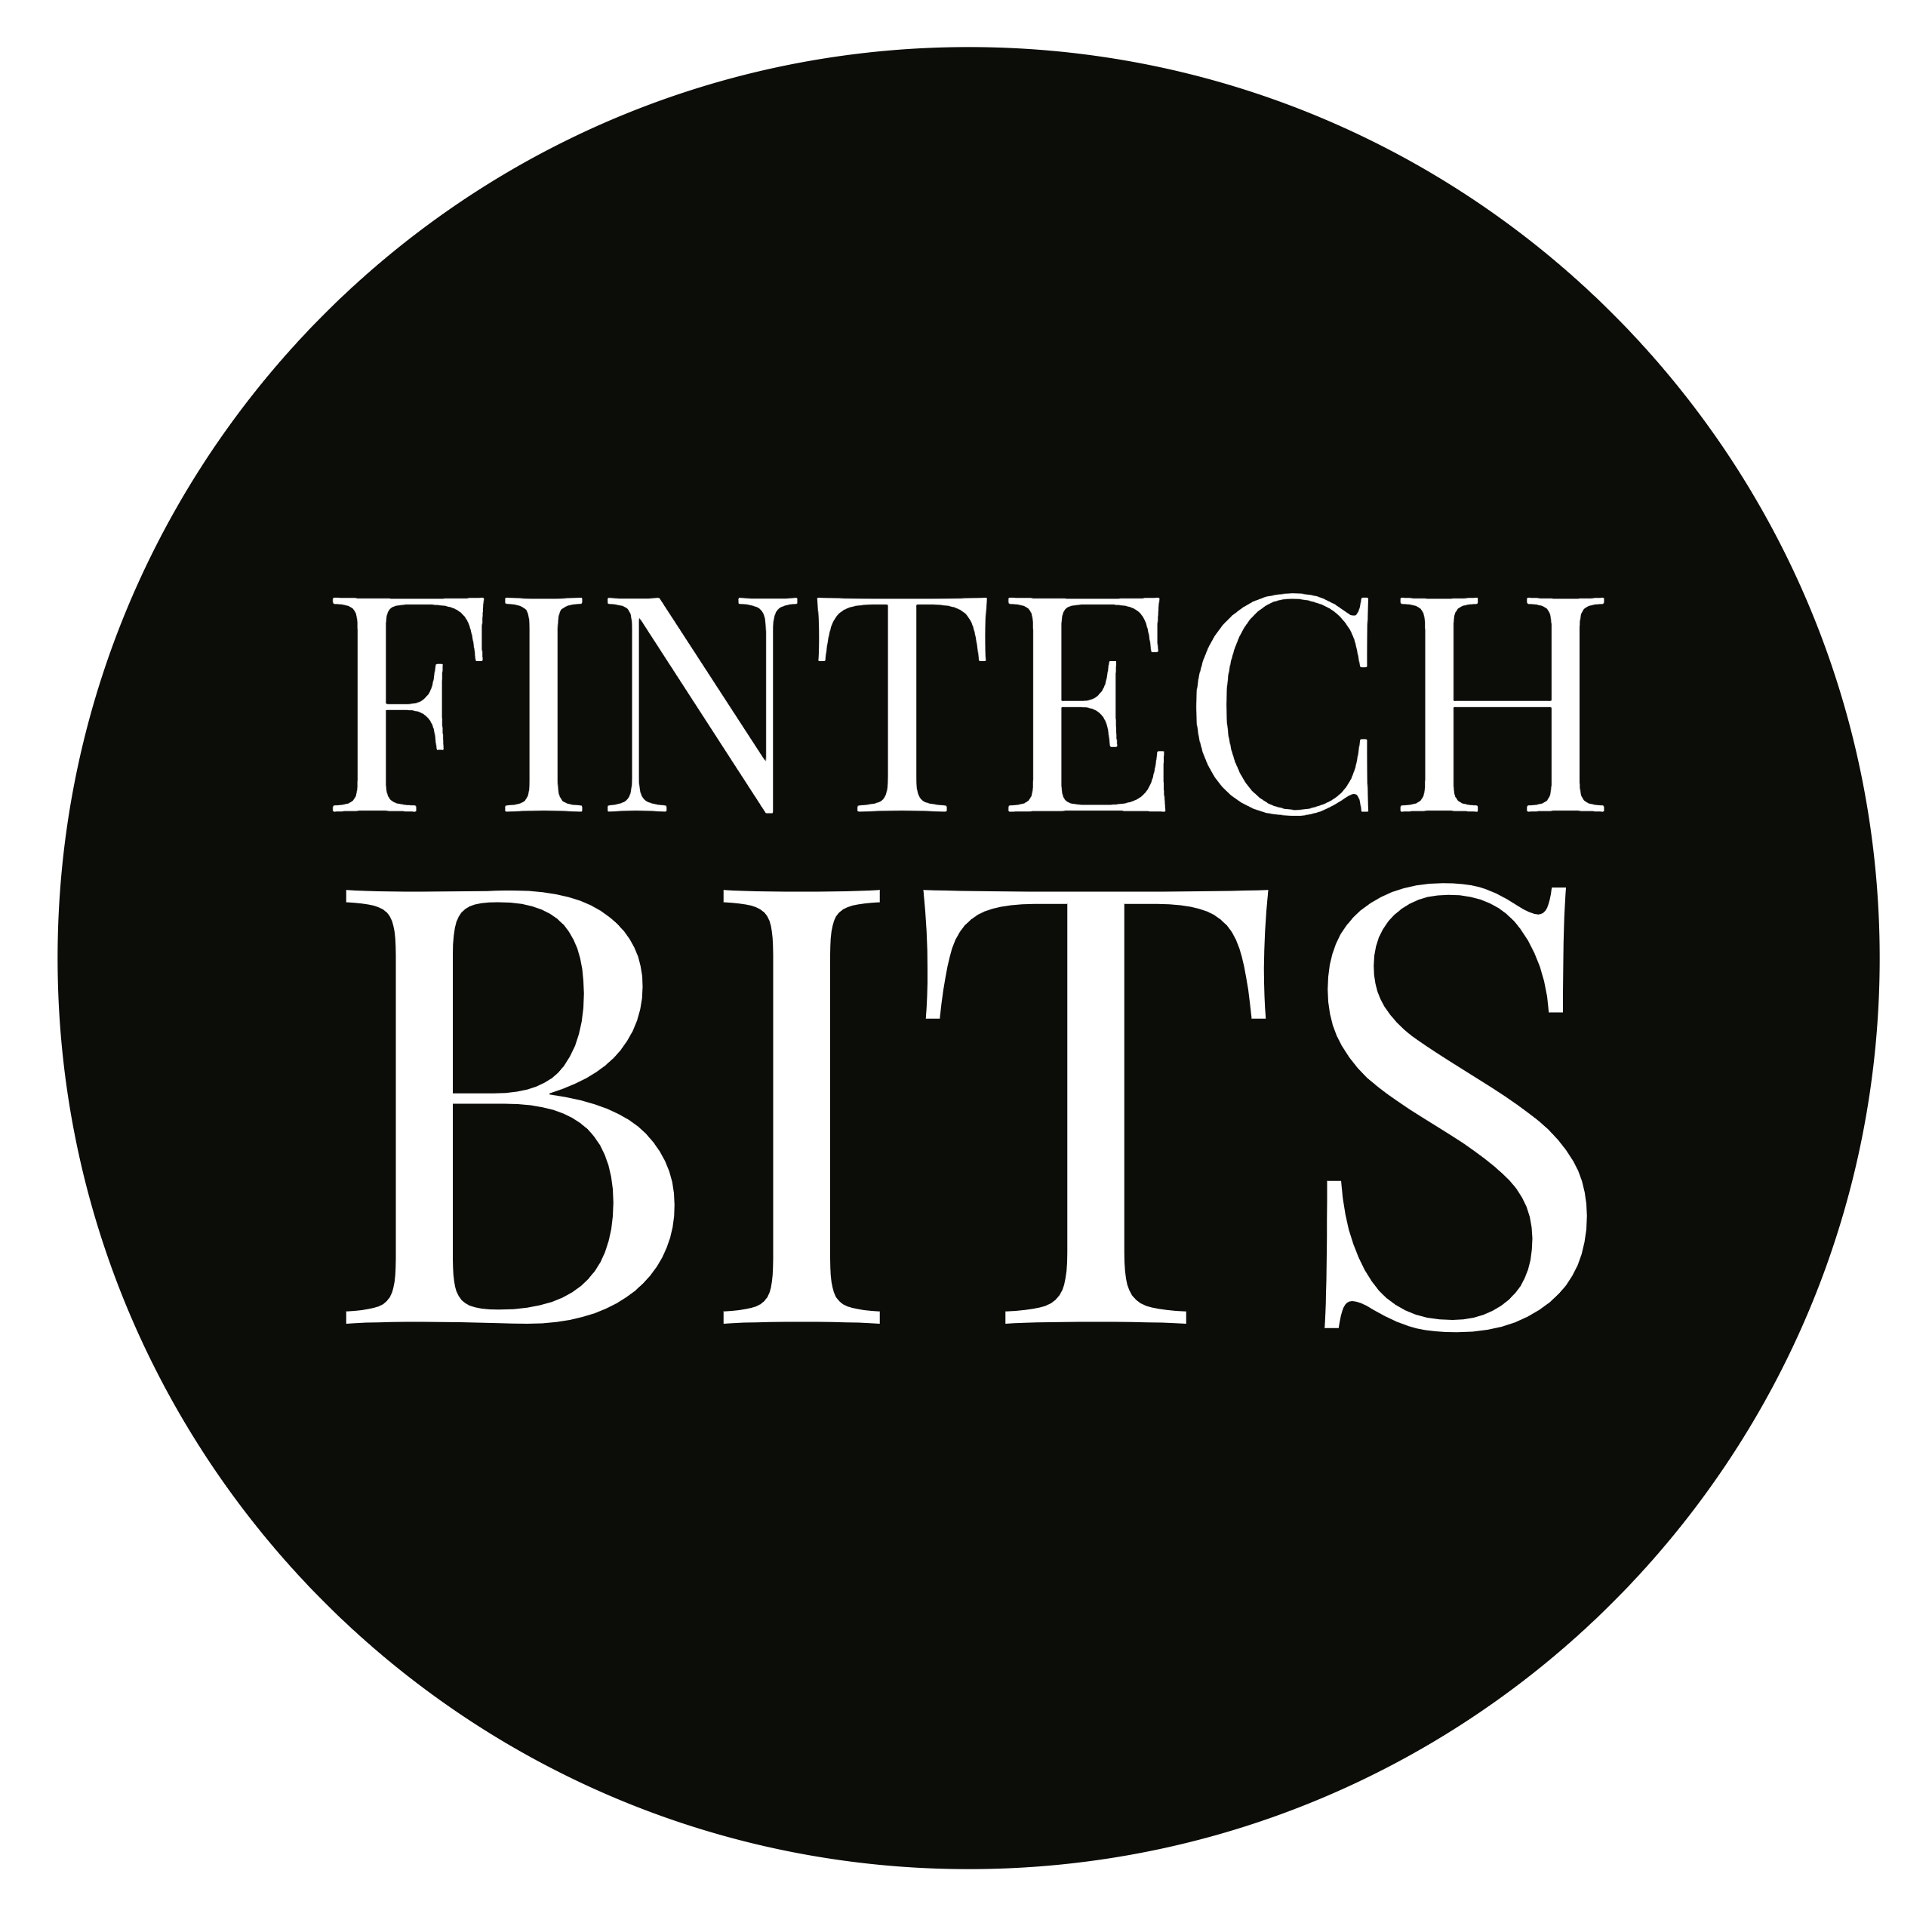 Fintech Bits